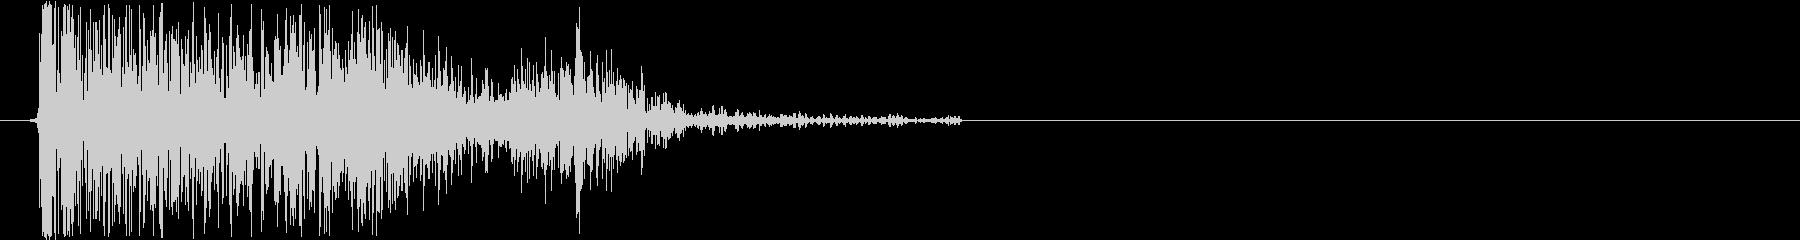 ドーン(爆弾の爆発音・砲撃音)の未再生の波形